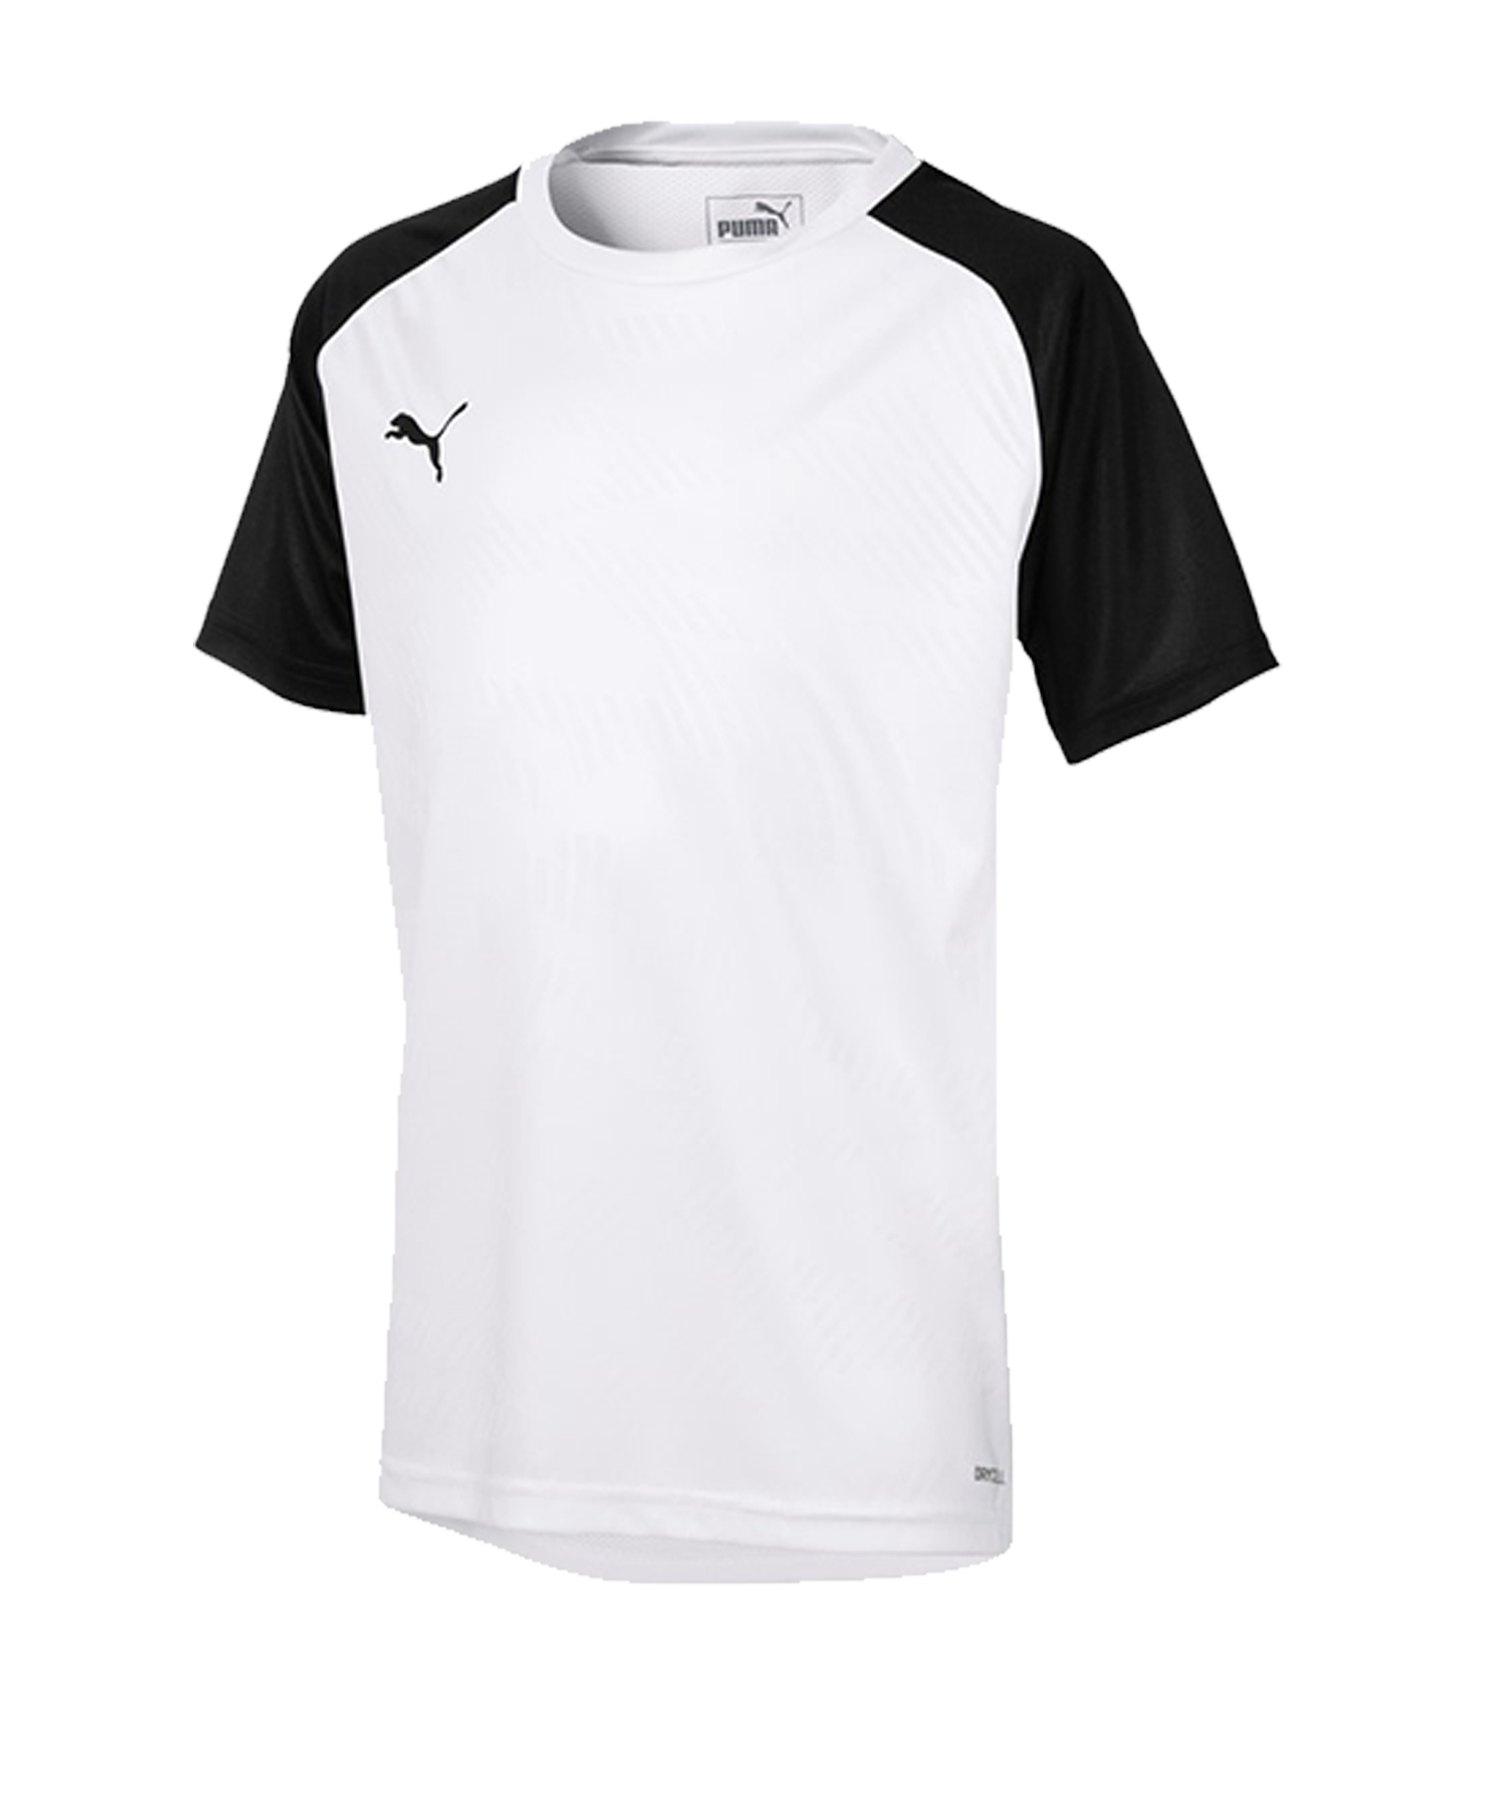 PUMA CUP Training Core T-Shirt Kids Weiss F04 - weiss